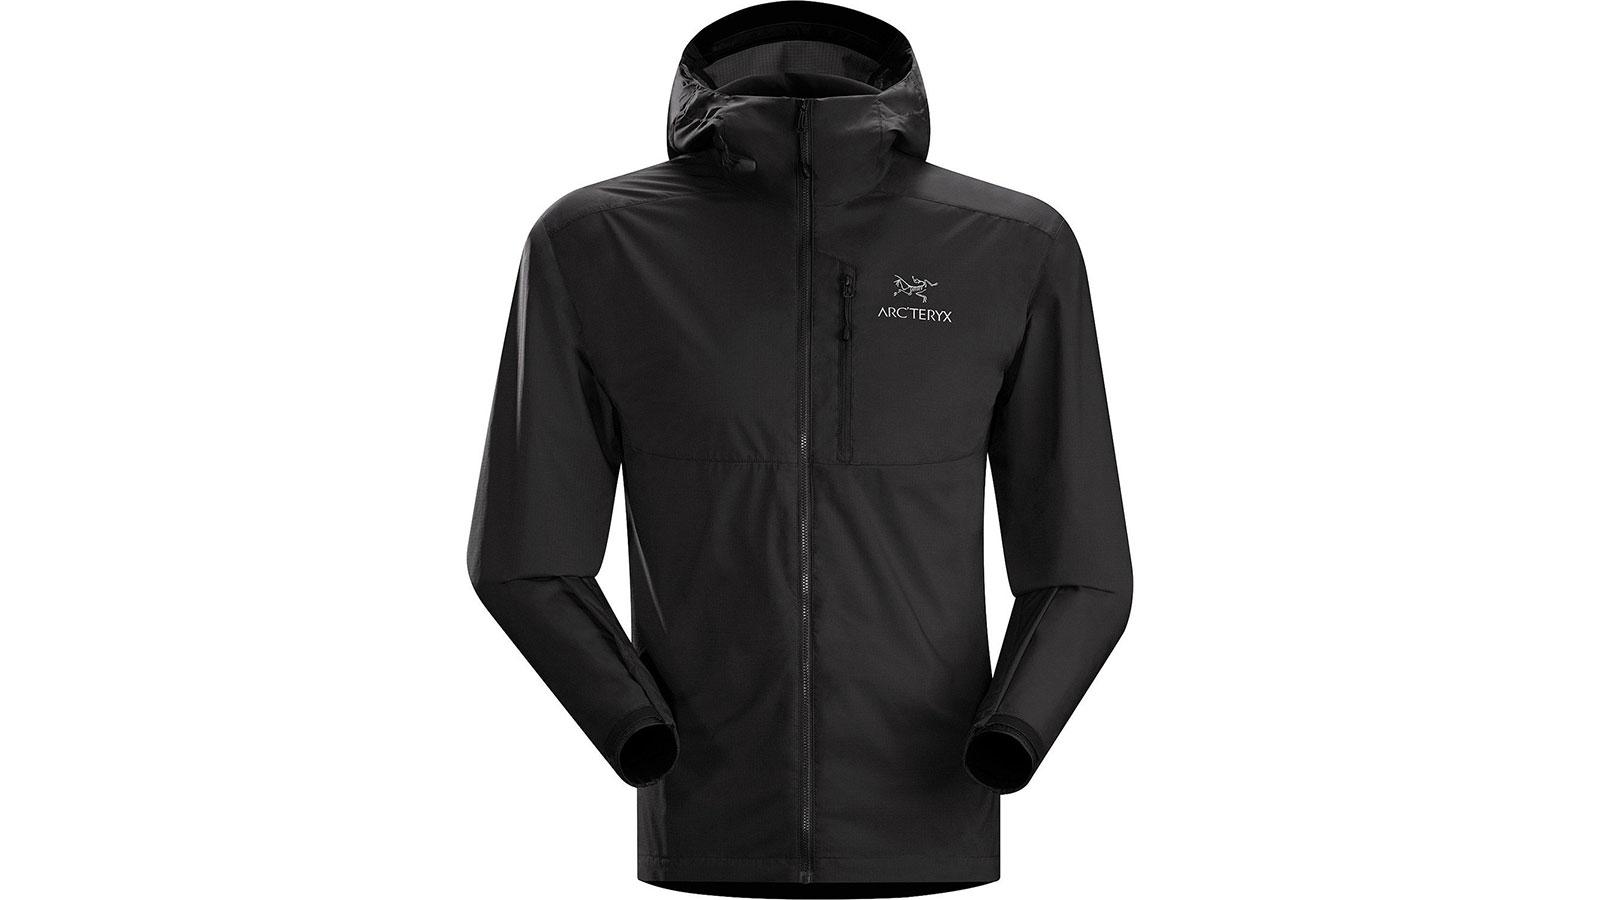 Arc'teryx Squamish Hoody Men's Windbreaker Jacket   the best men's windbreakr jackets